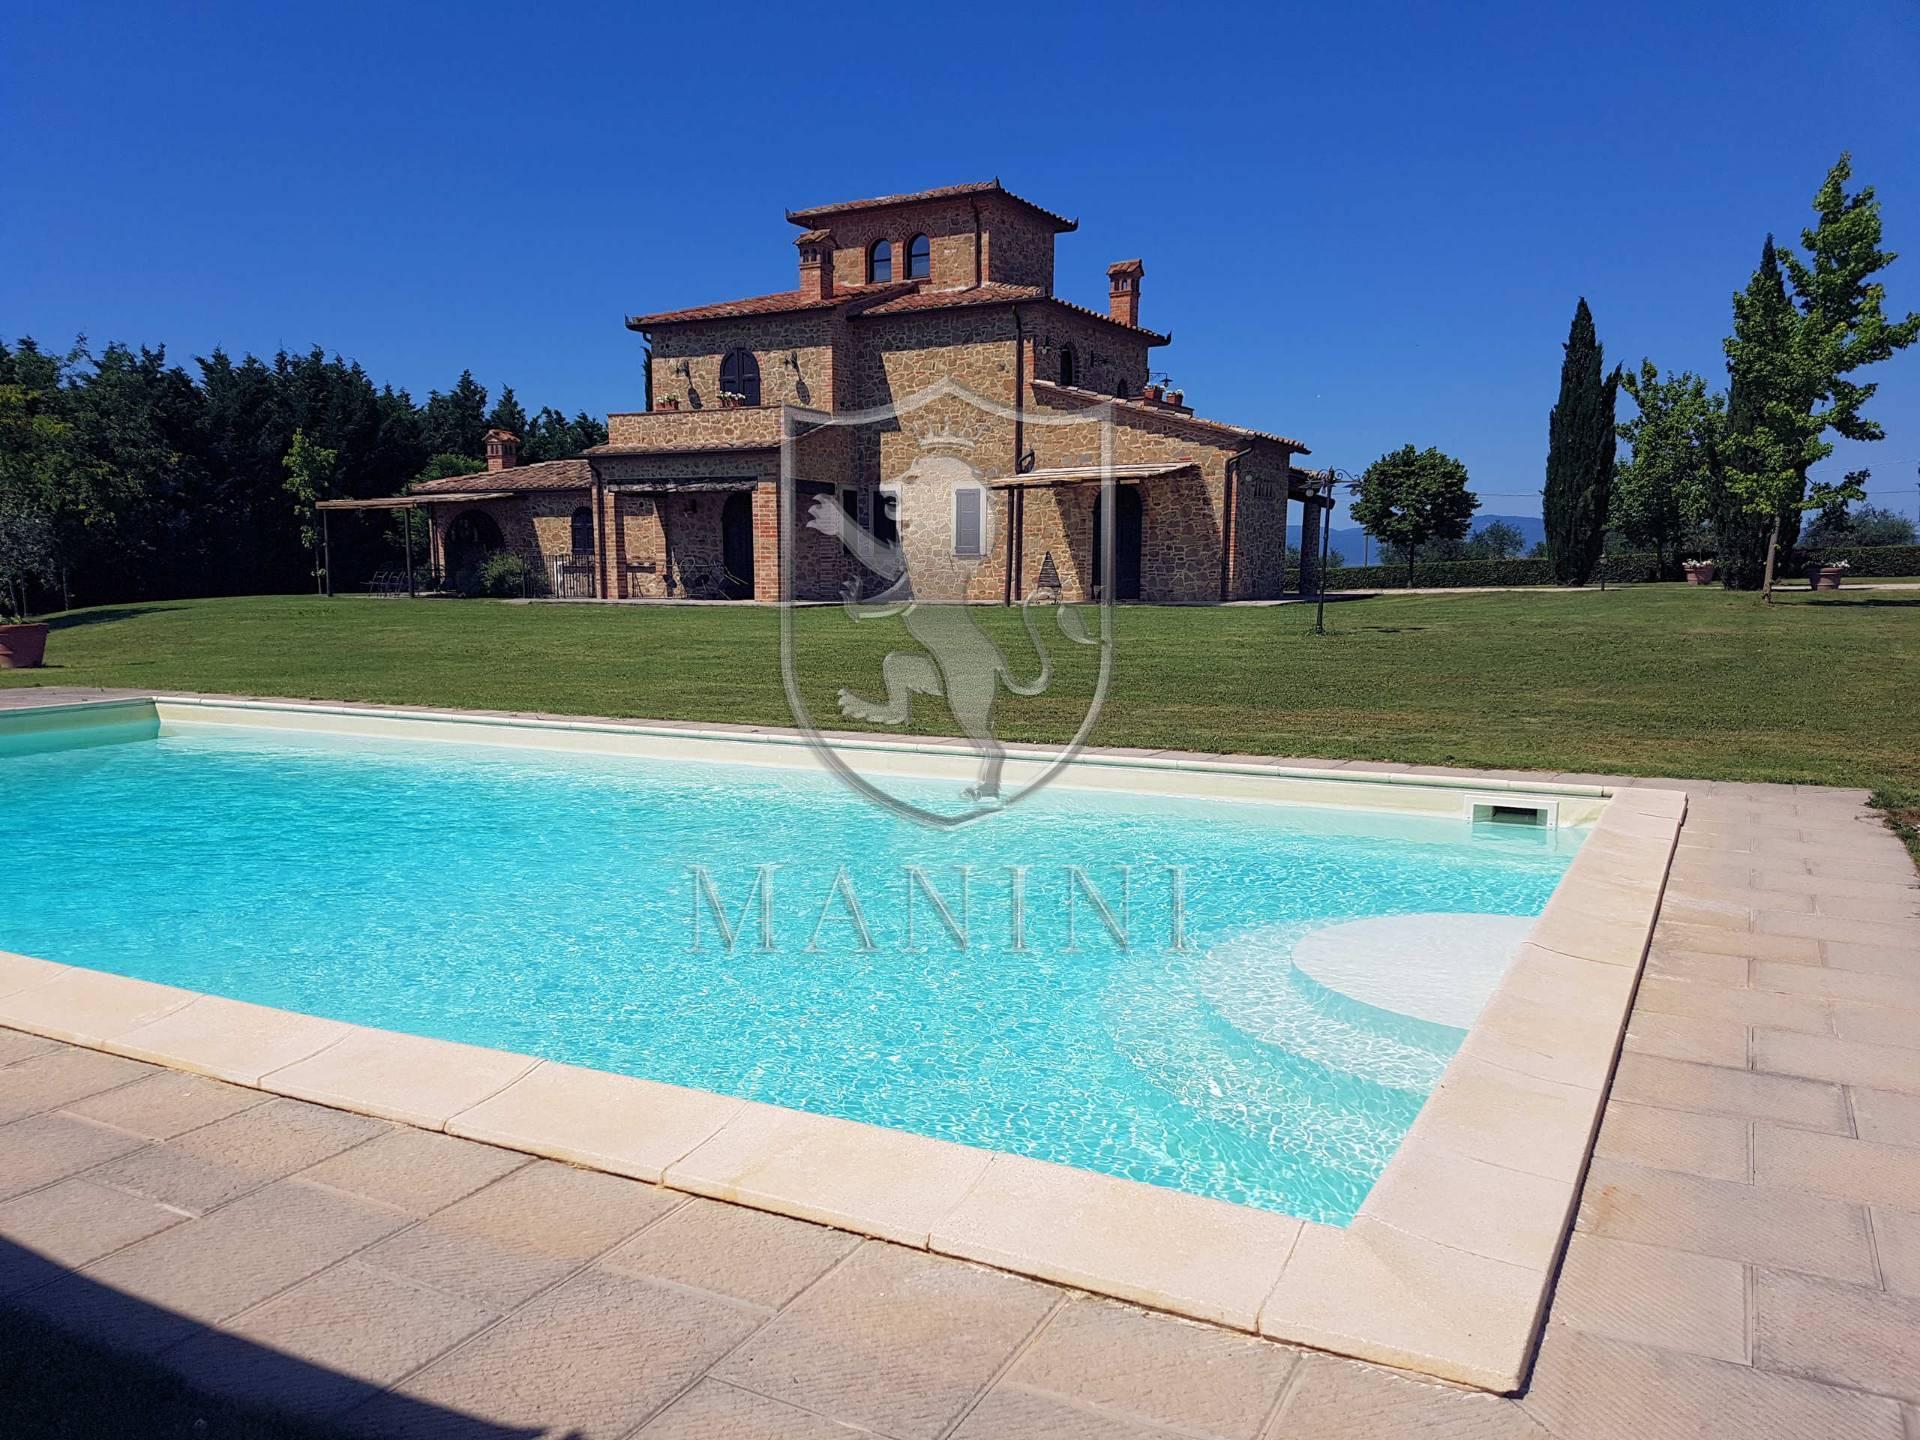 Rustico / Casale in vendita a Castiglione del Lago, 10 locali, zona Zona: Sanfatucchio, prezzo € 1.300.000   CambioCasa.it